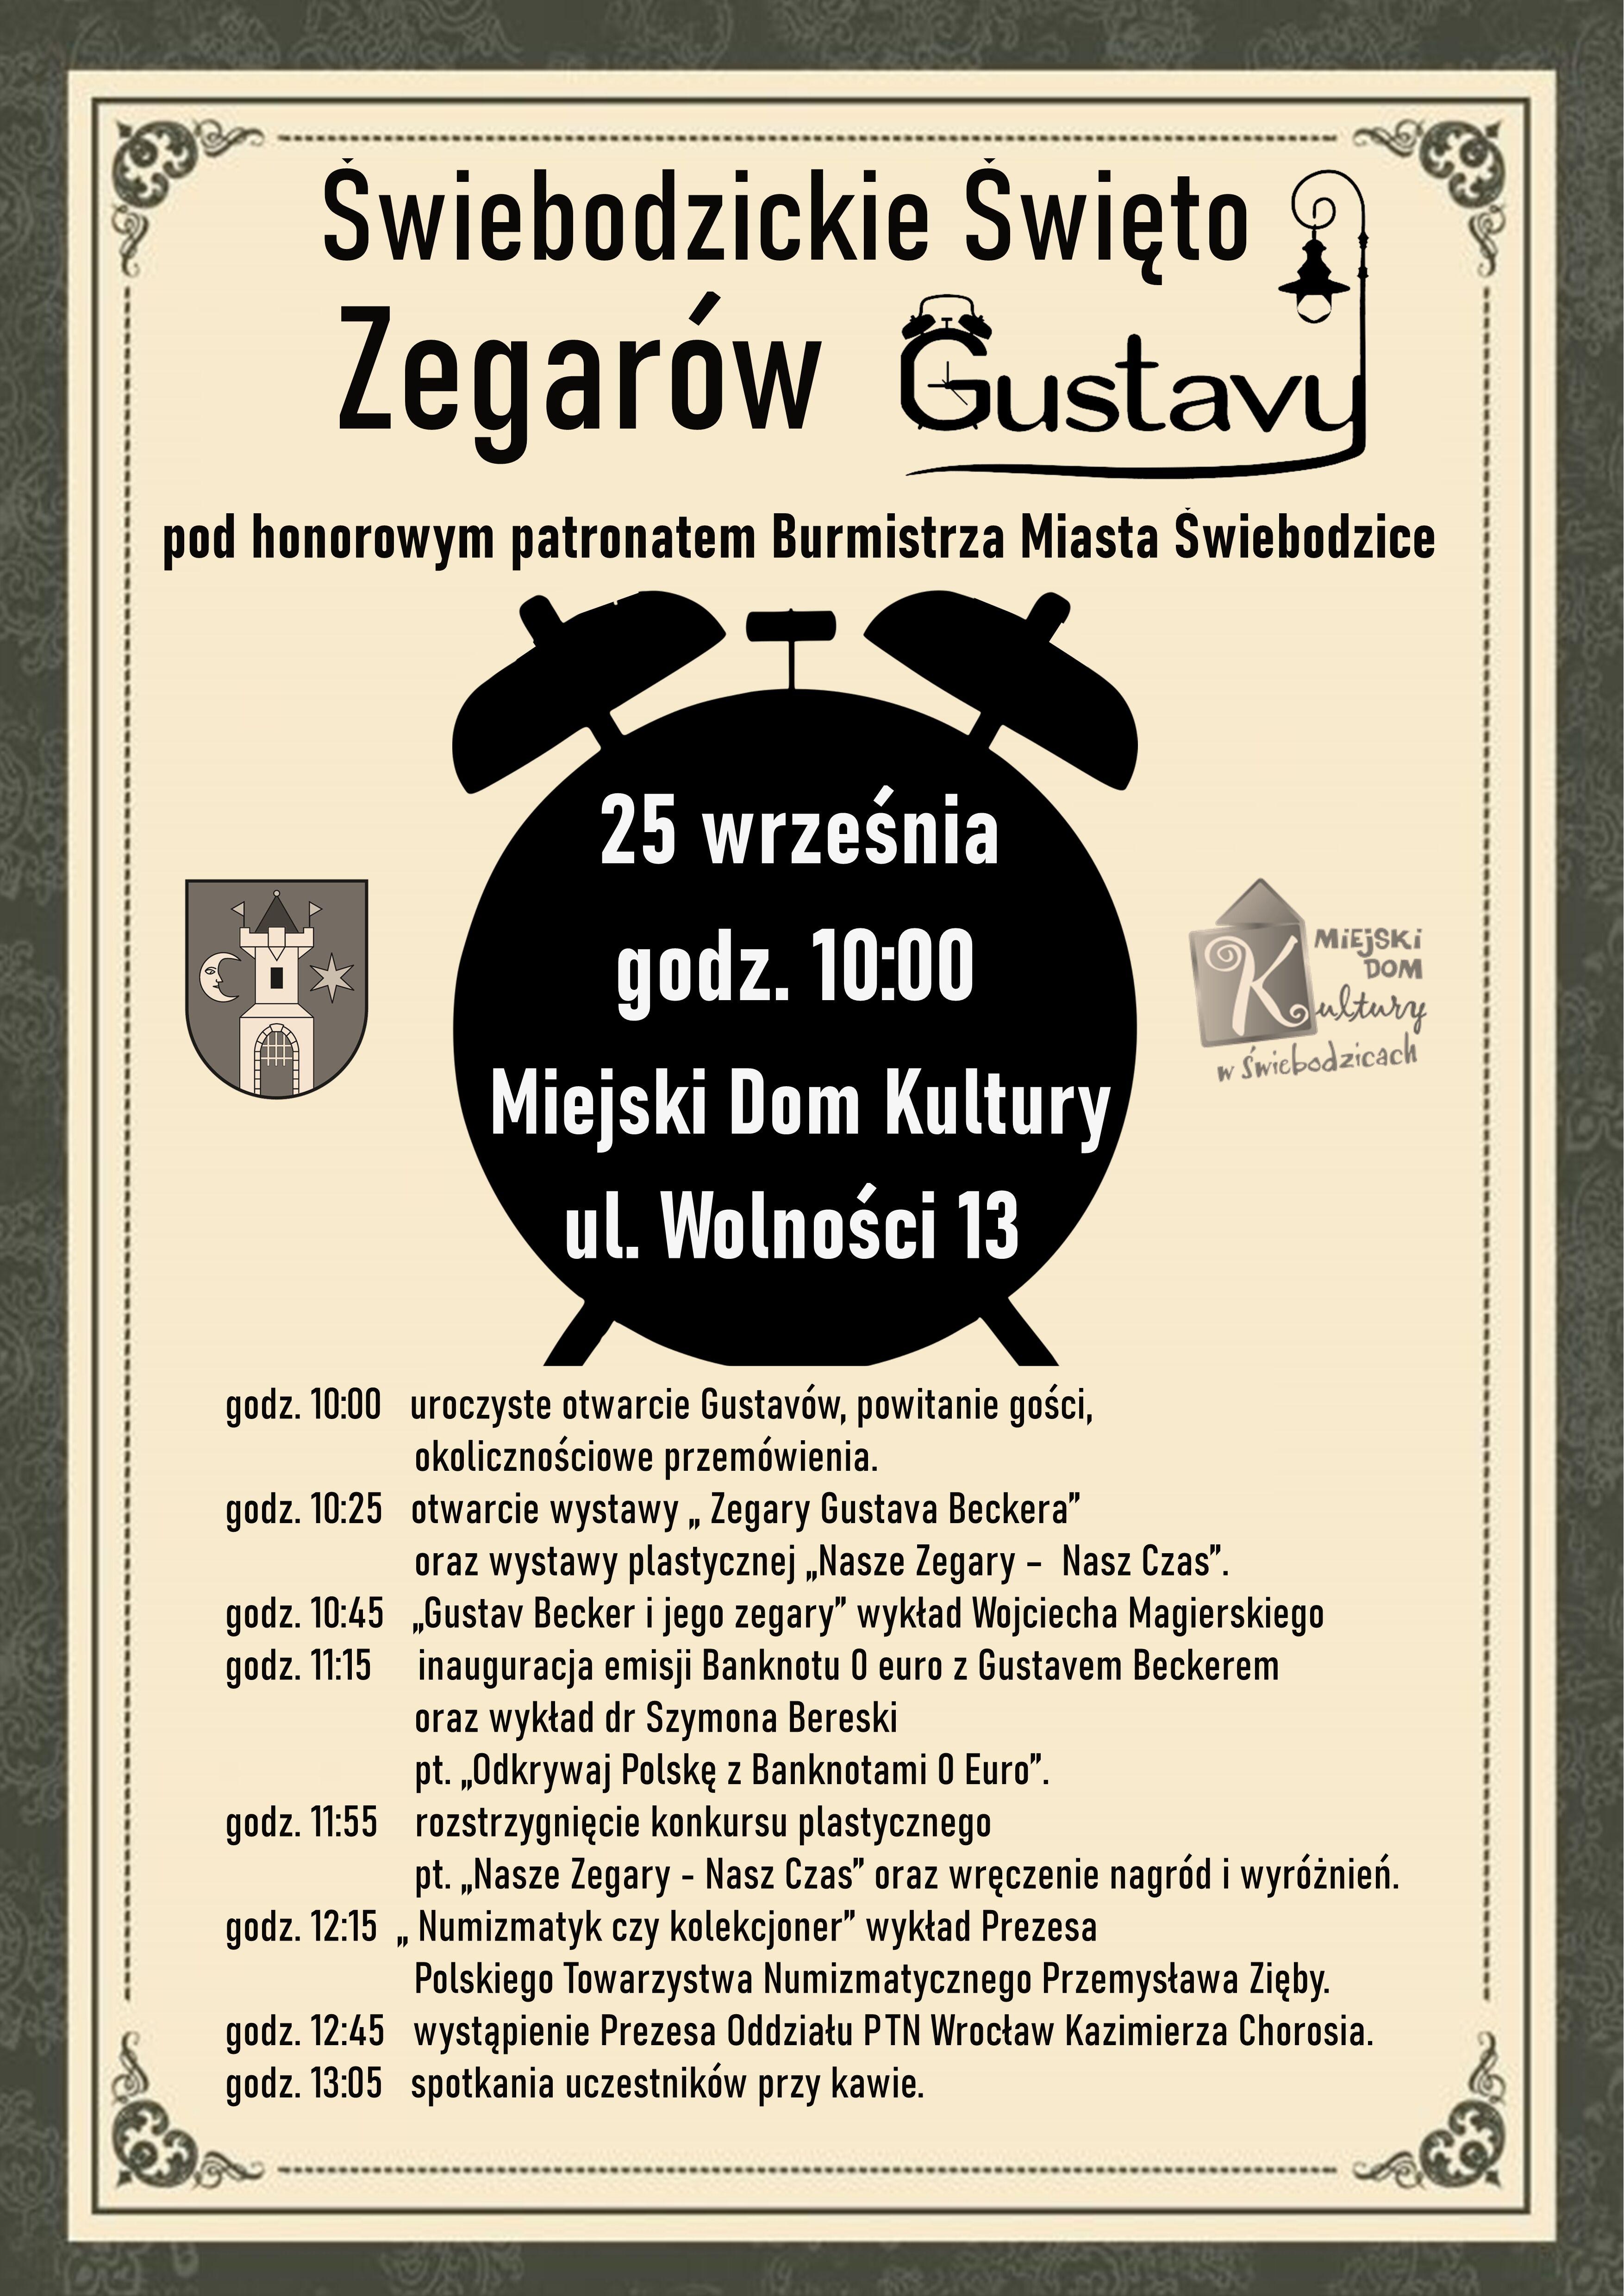 plakat promujący Świebodzickie Święto Zegarów Gustawy